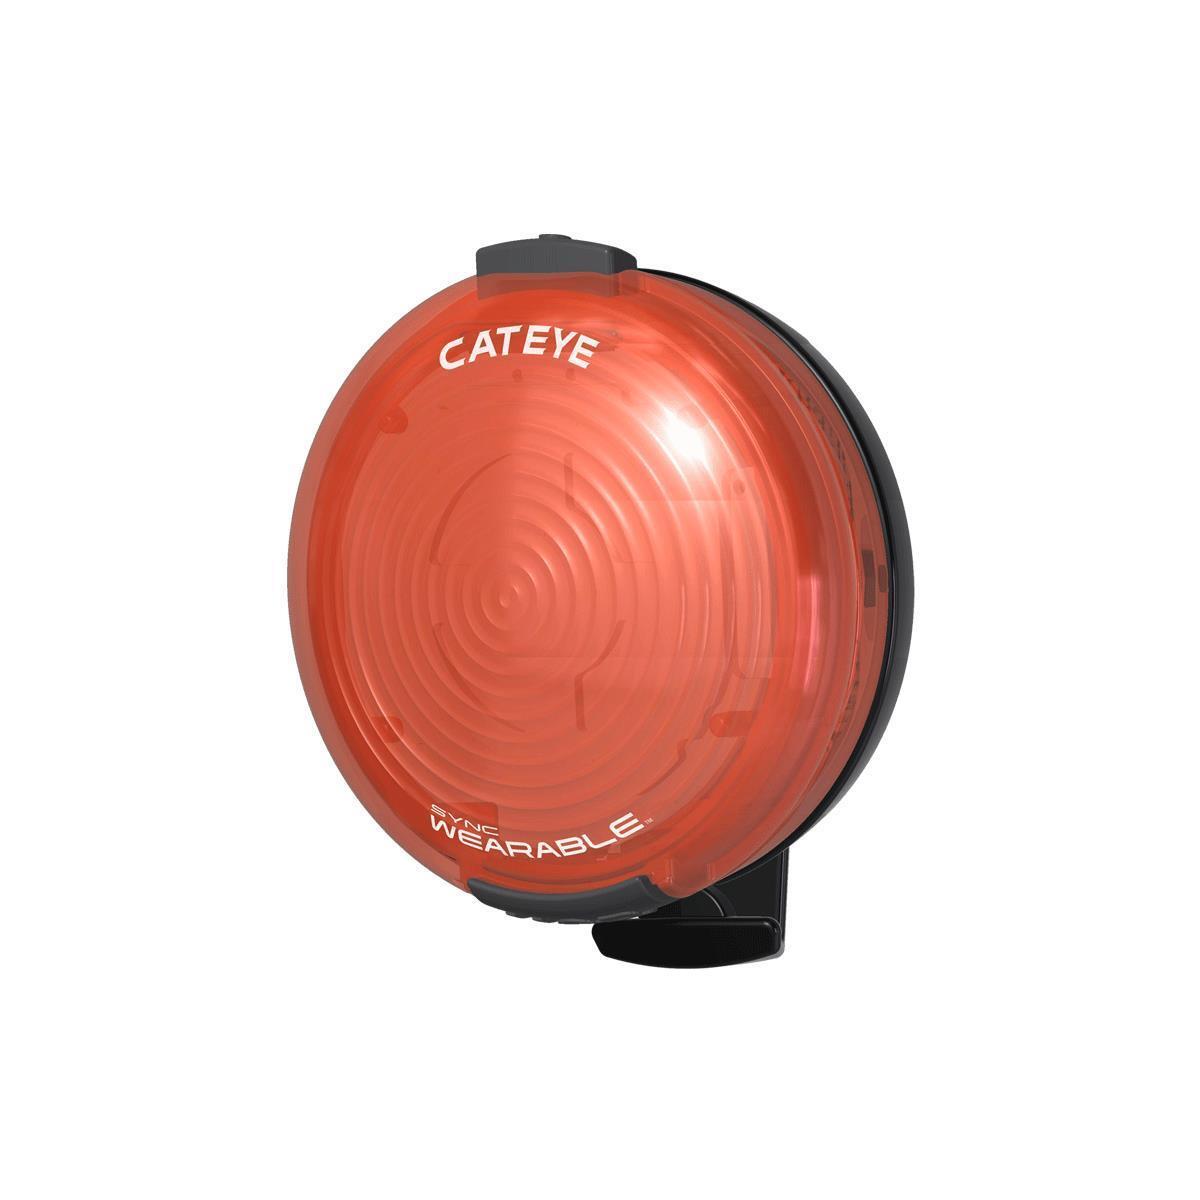 Cateye Sync Sync Cateye Wearable 35/40 Lm Wearable Bike Light c822d9